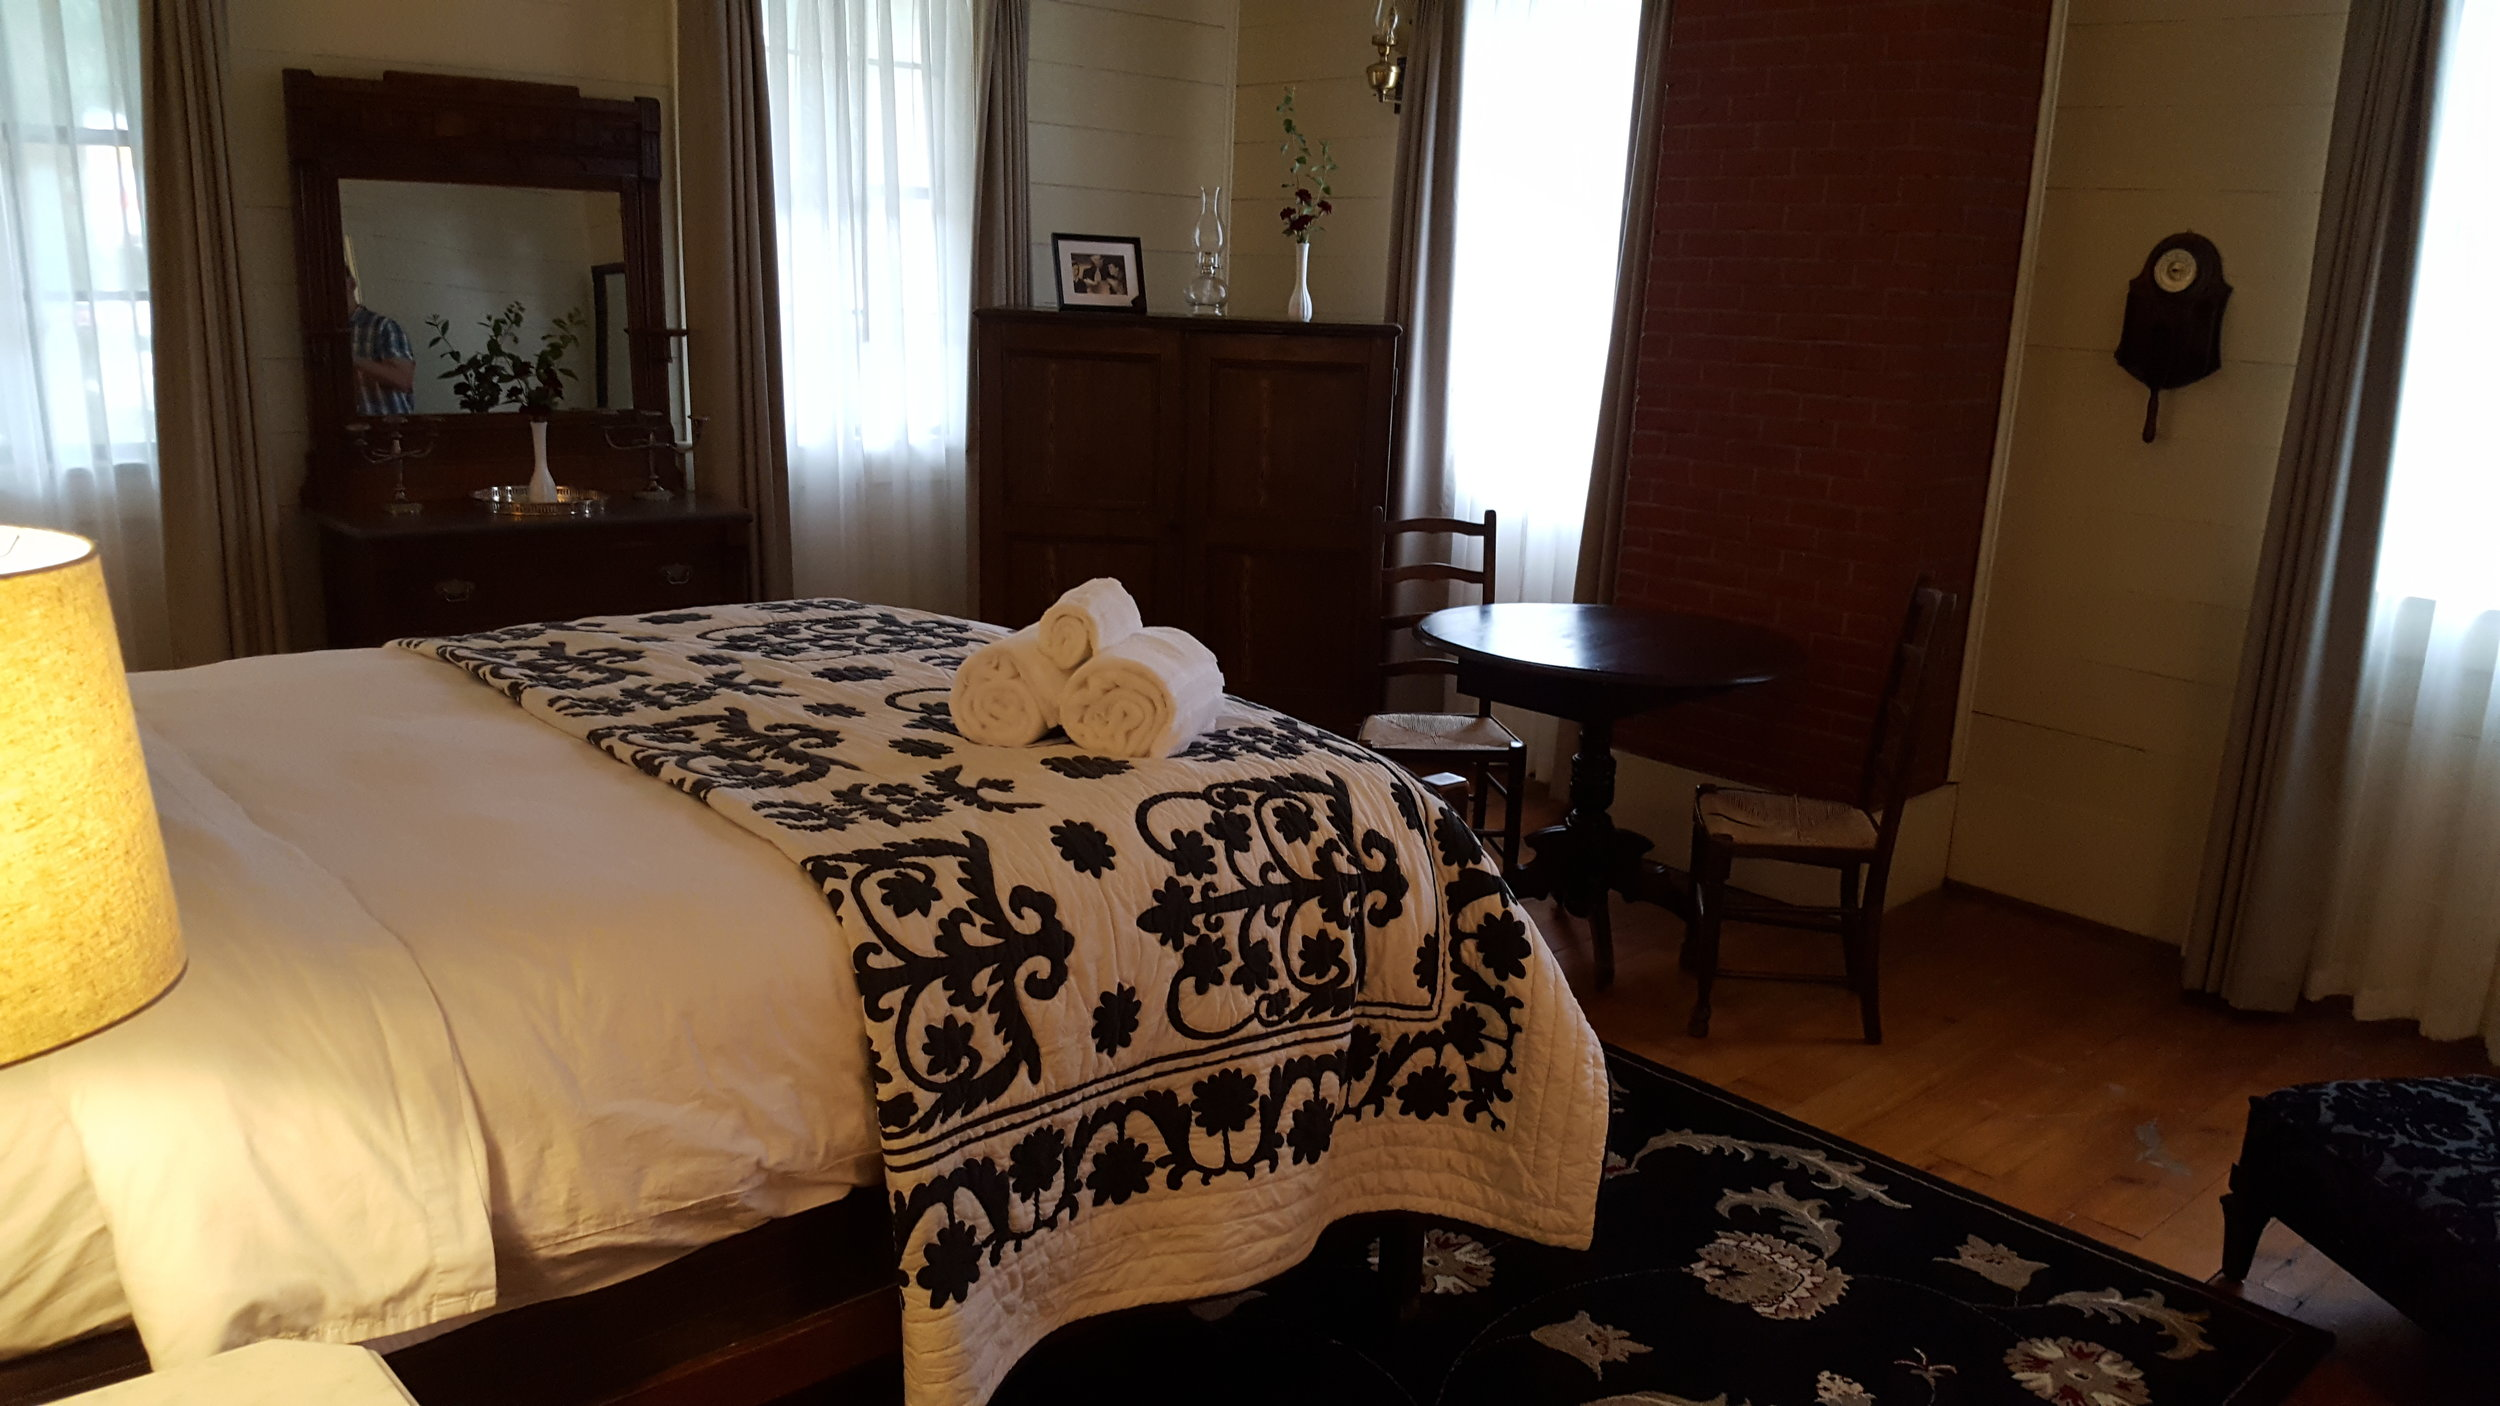 Clark Gable Room at Wolf Creek Inn